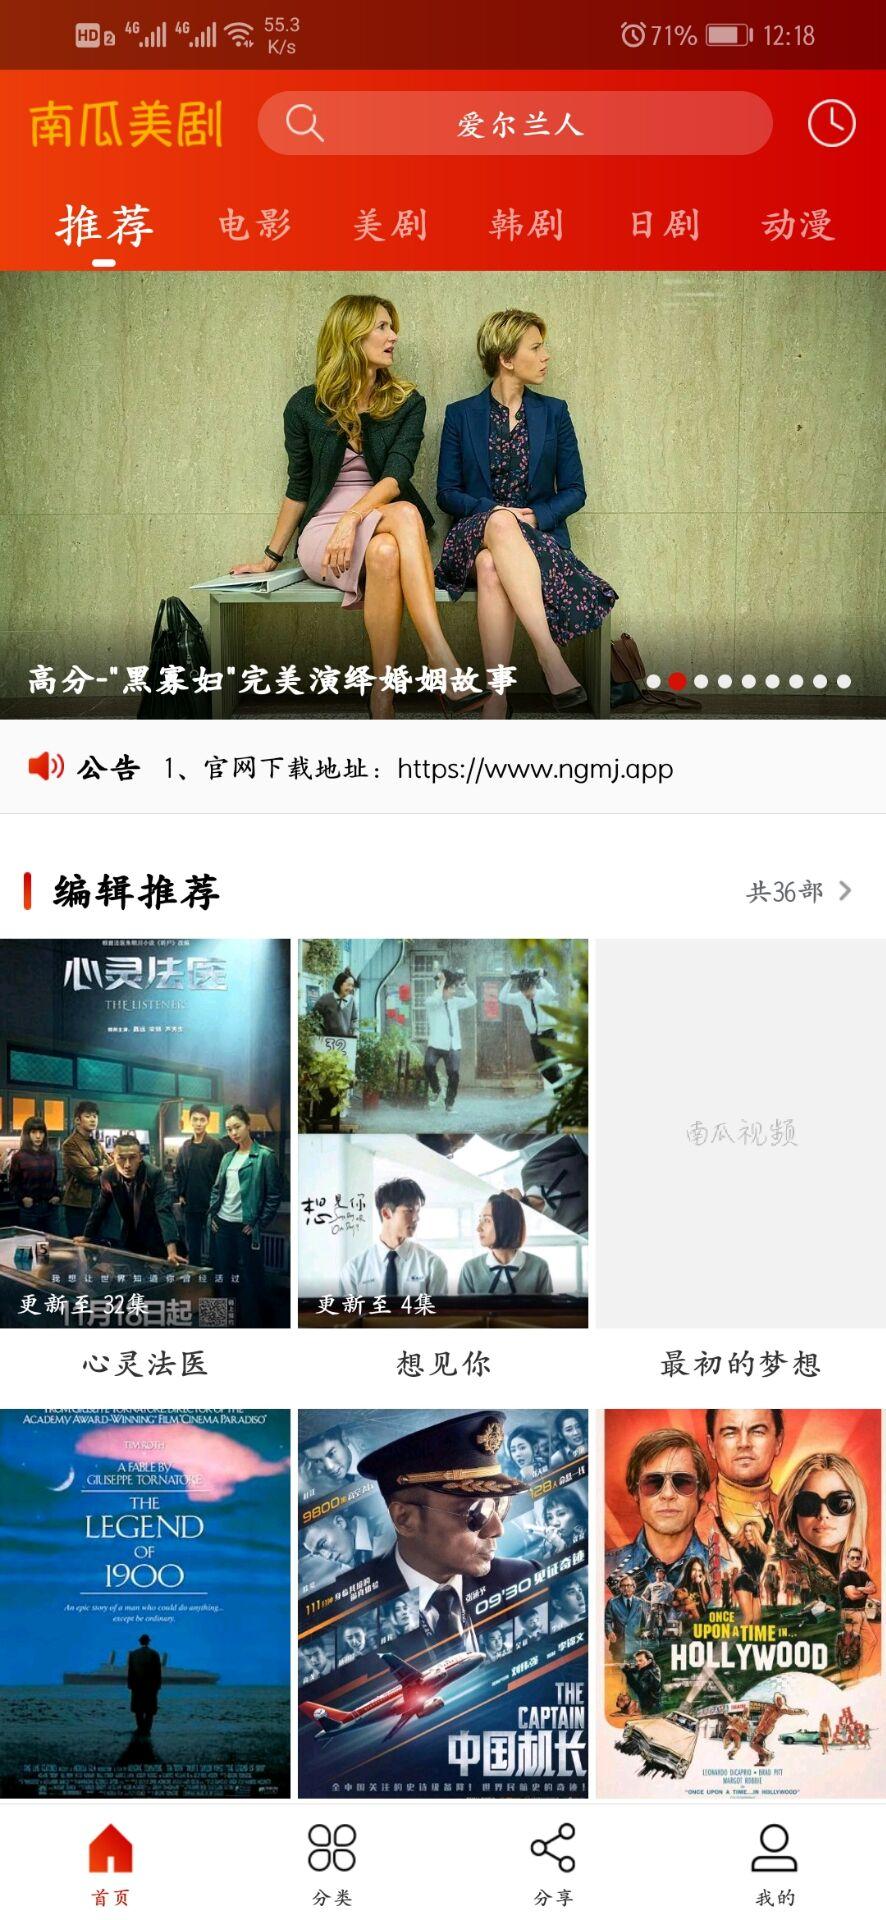 【南瓜美剧】追美剧必备,全网视频解析,安卓苹果都有 手机应用 第2张